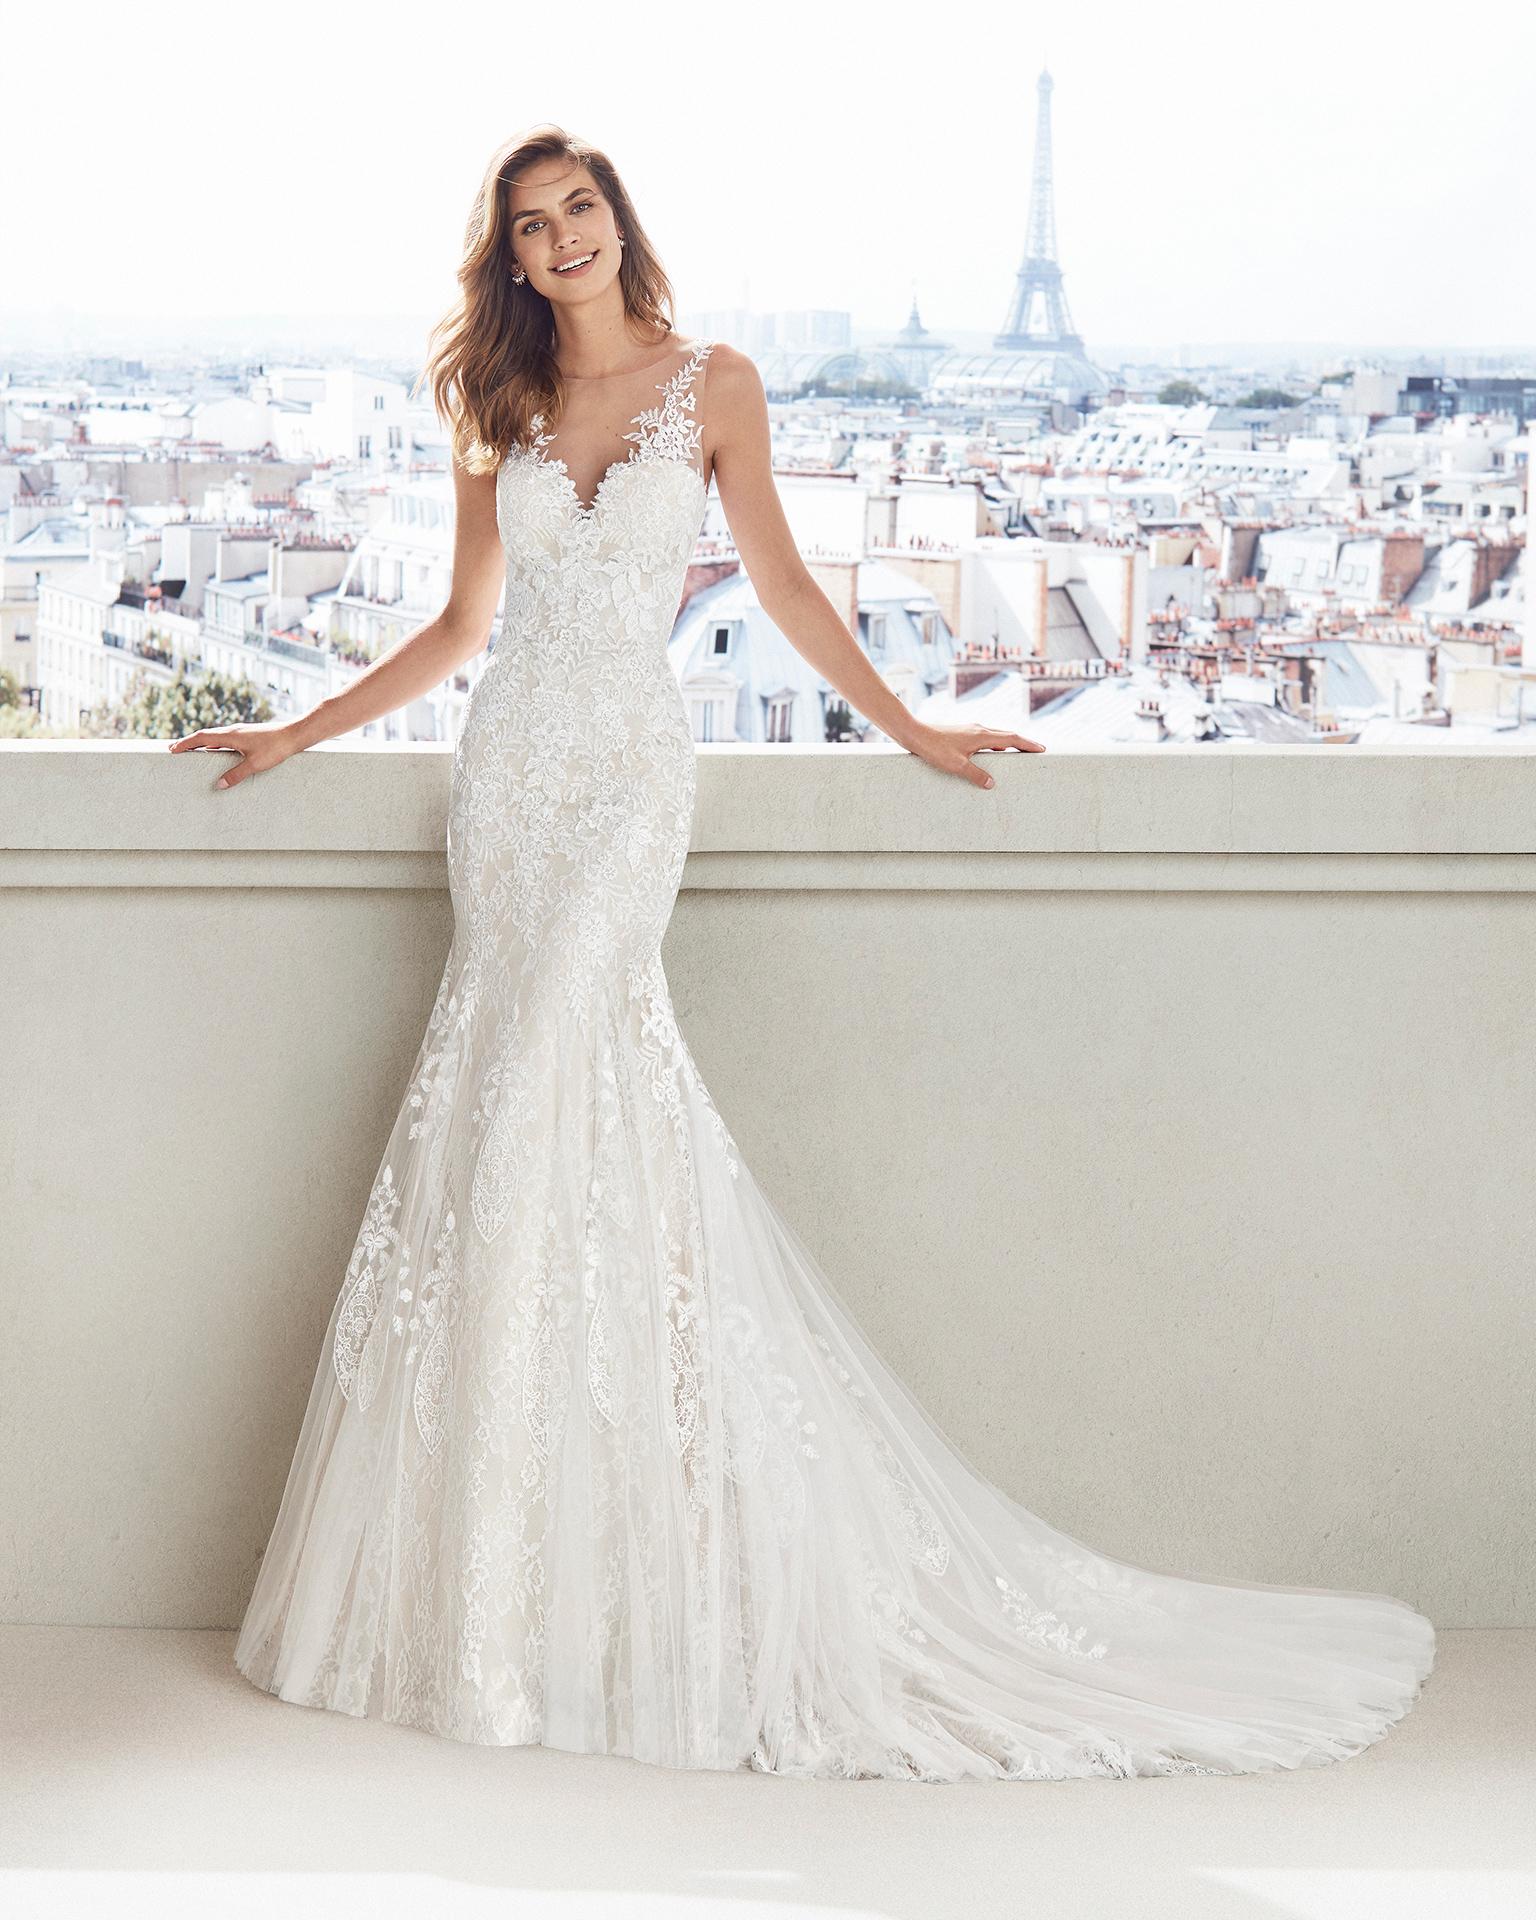 Vestido de novia corte sirena de encaje. Escote V y falda de aplicaciones. Disponible en color natural y natural/champagne. Colección  2019.